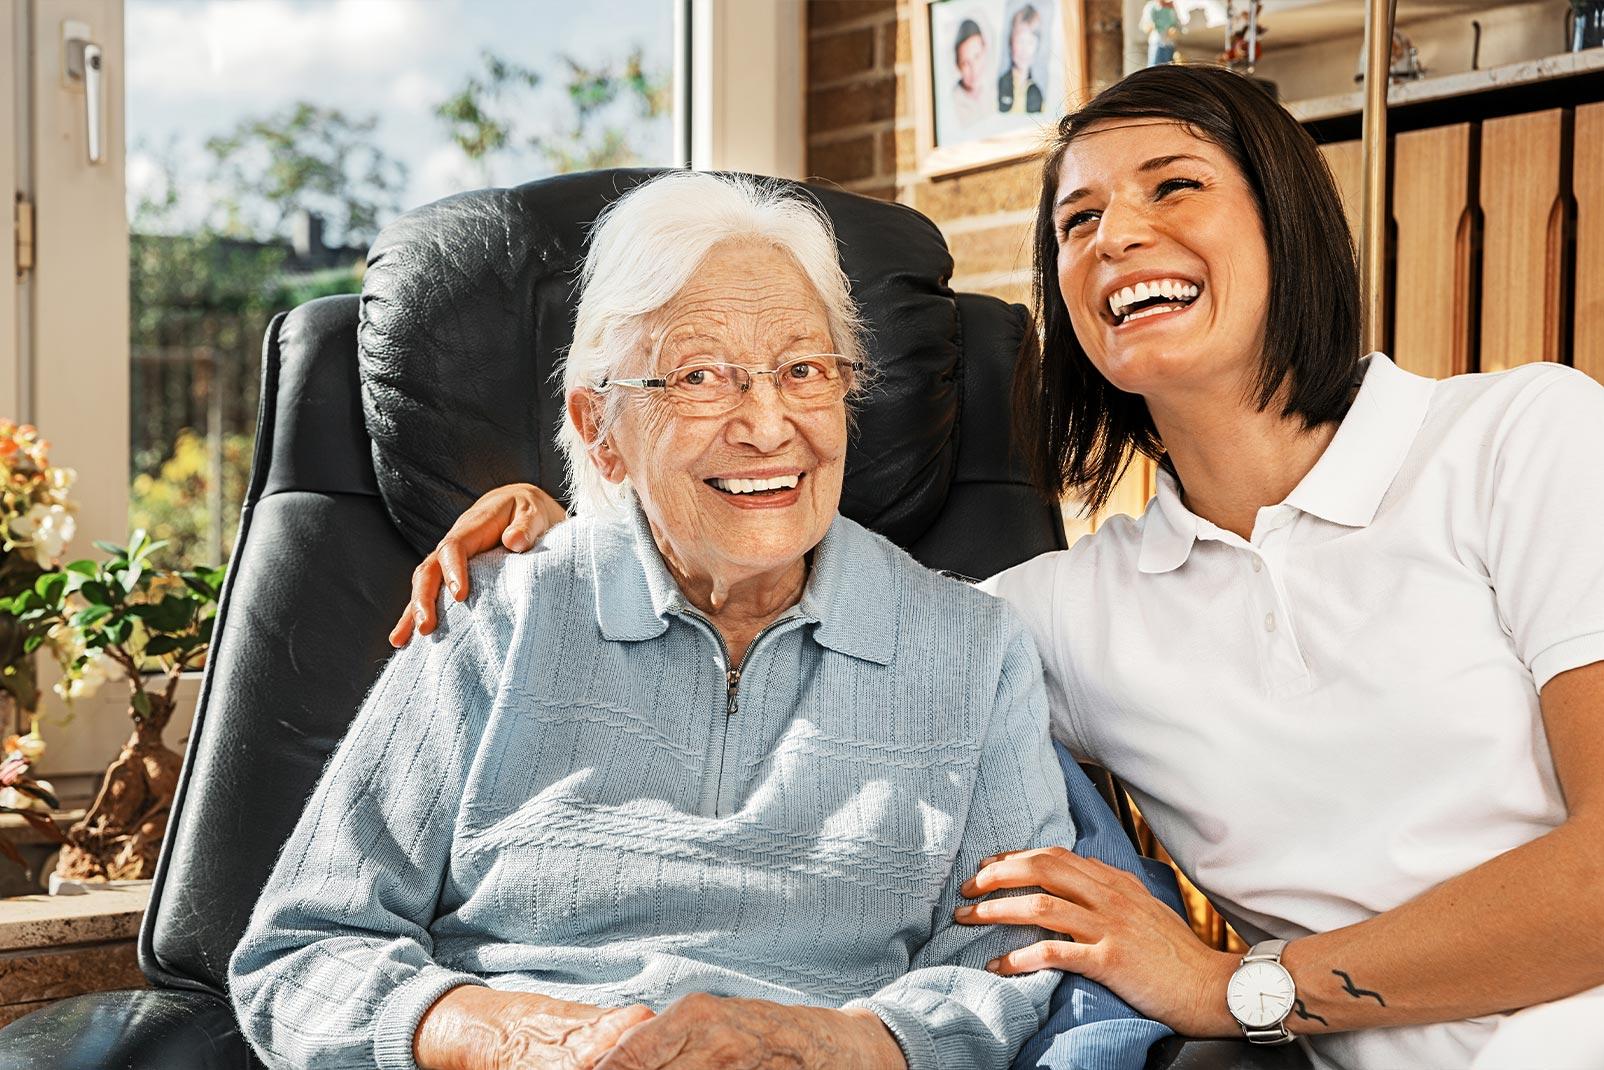 Pflegerin lacht mit Dame im Sessel